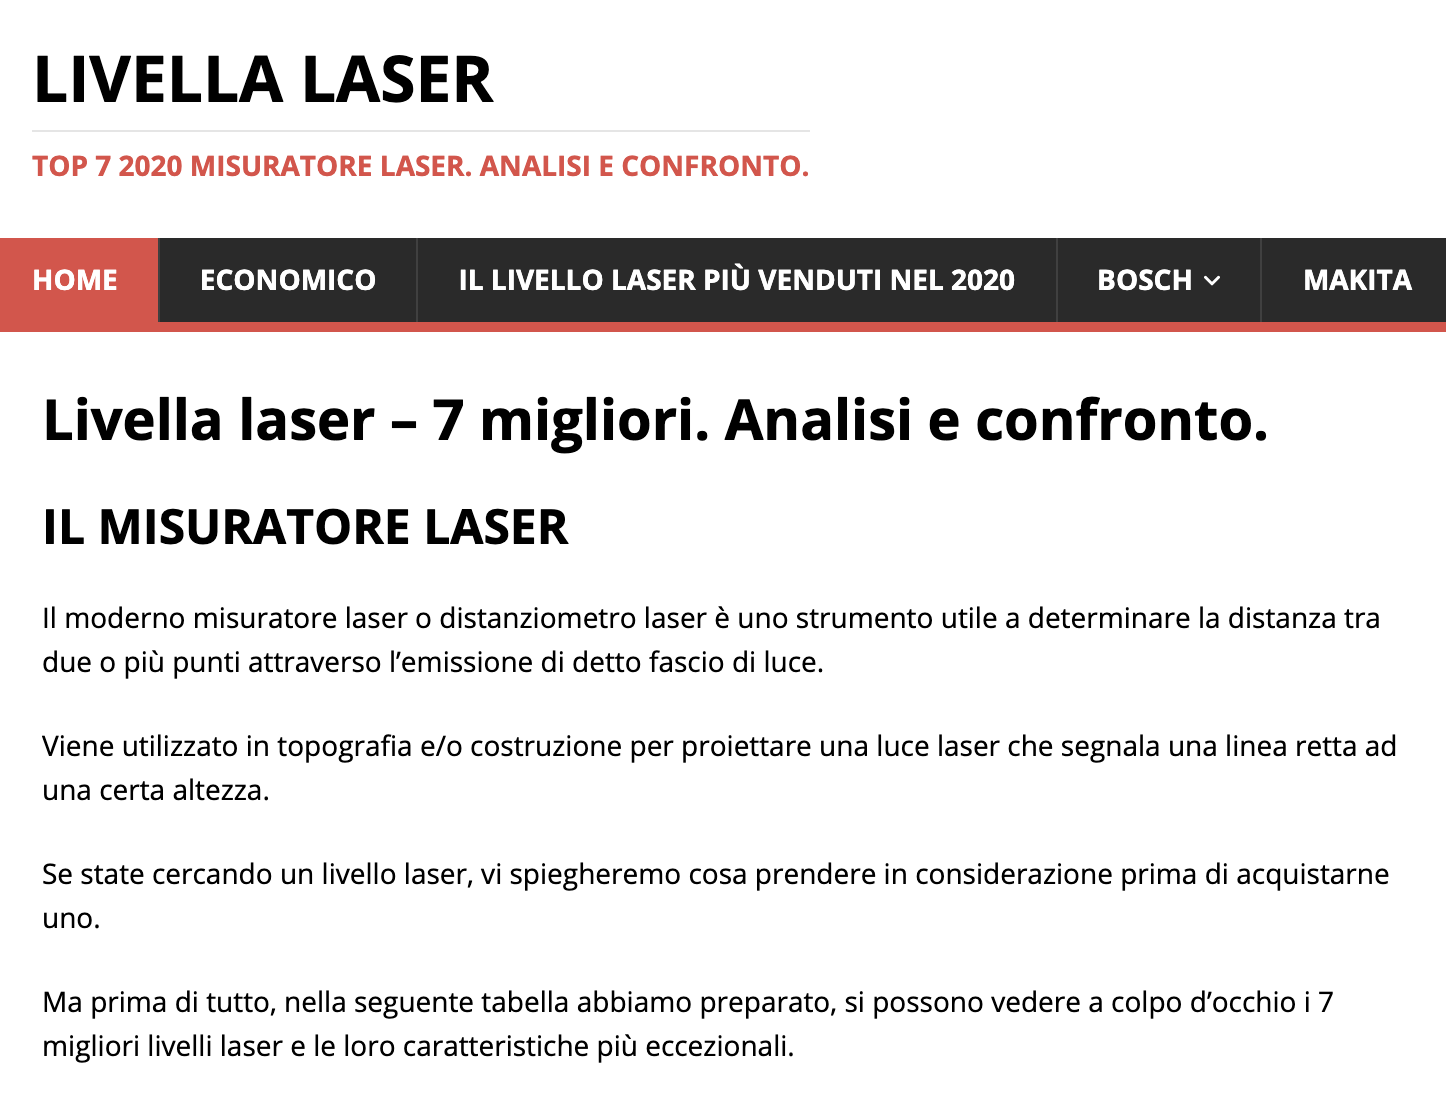 Livelli laser